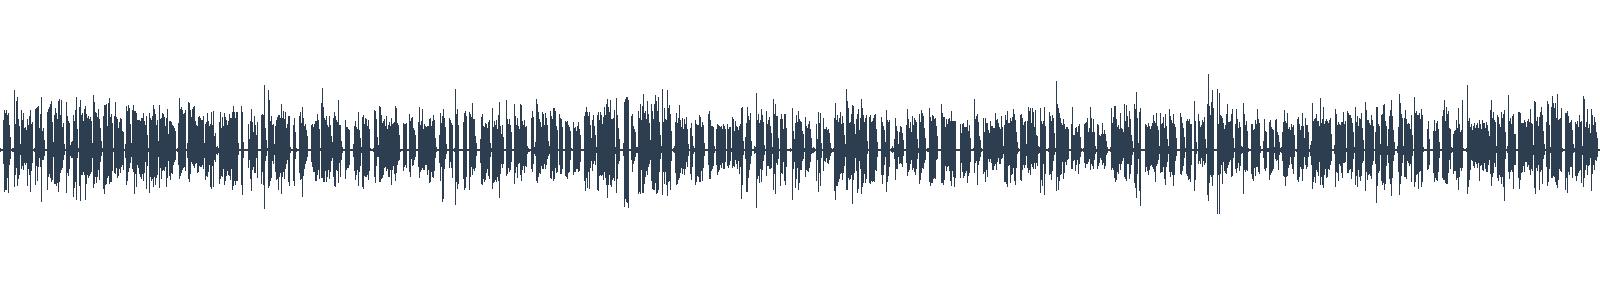 Websterovci 2 waveform